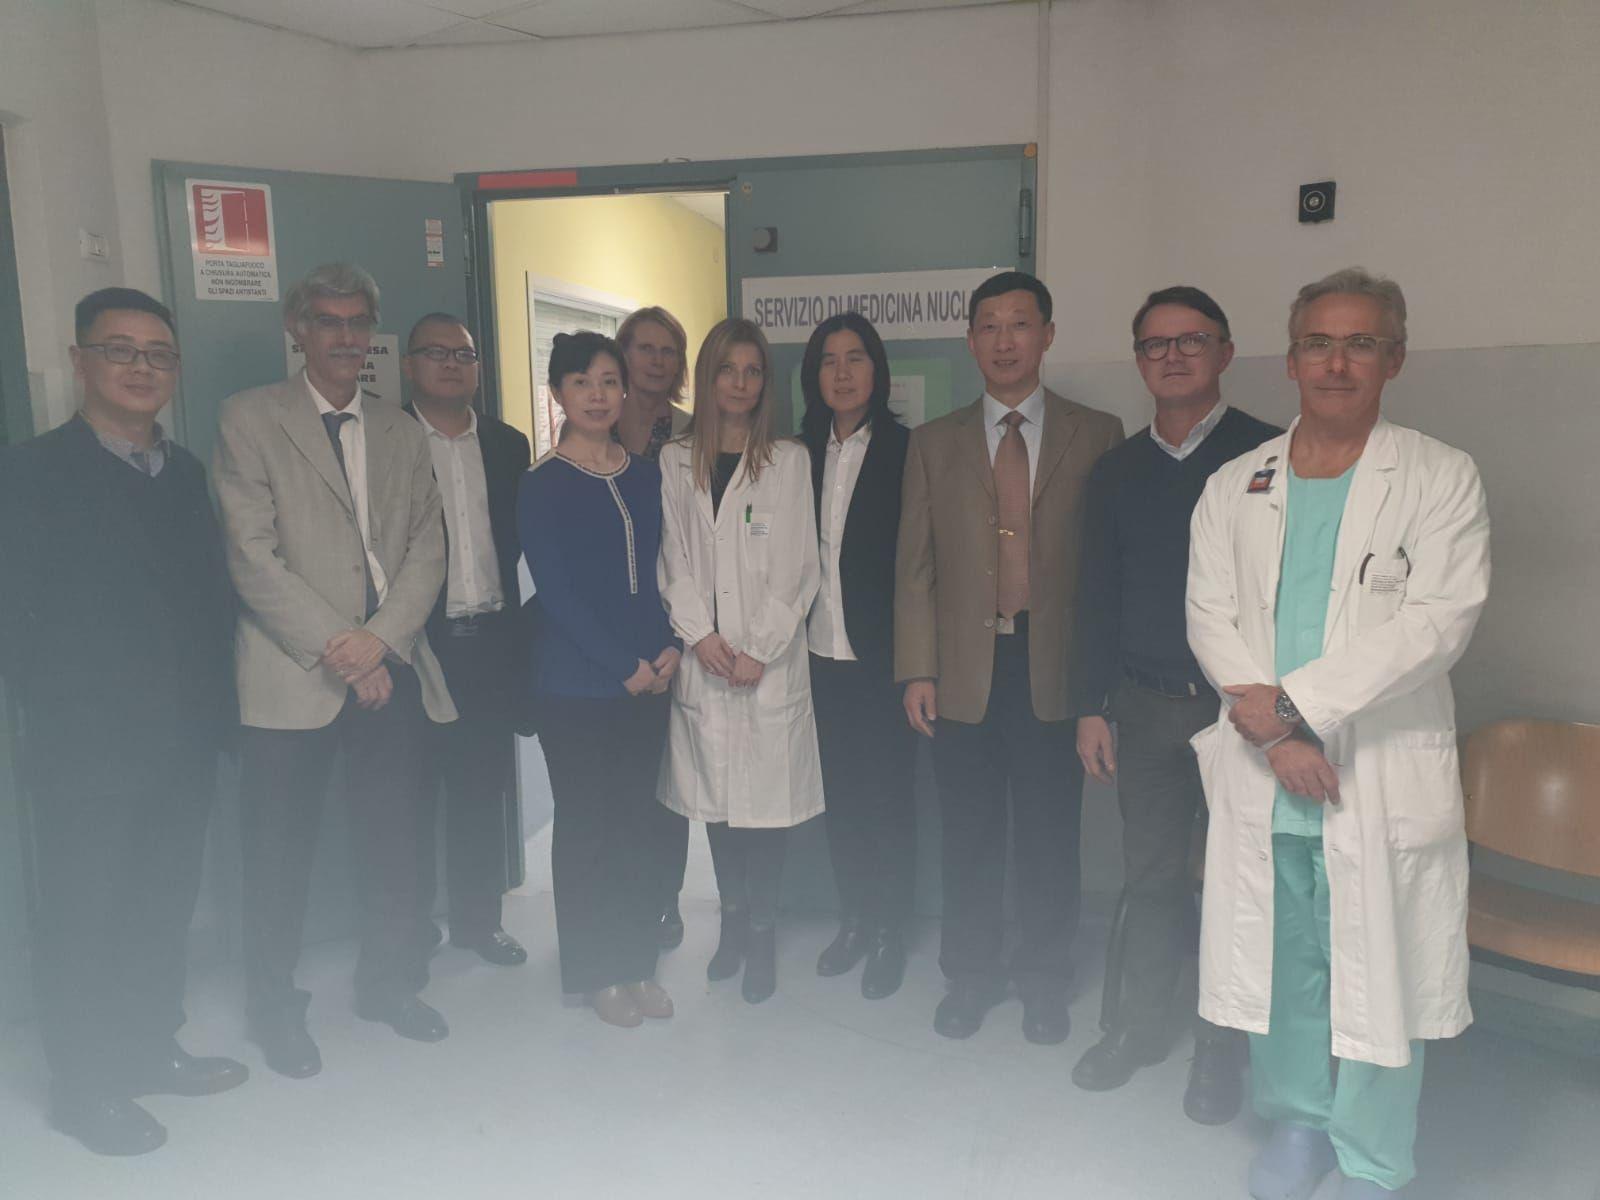 IVREA - Medici dalla Cina per visitare la medicina nucleare dell'ospedale